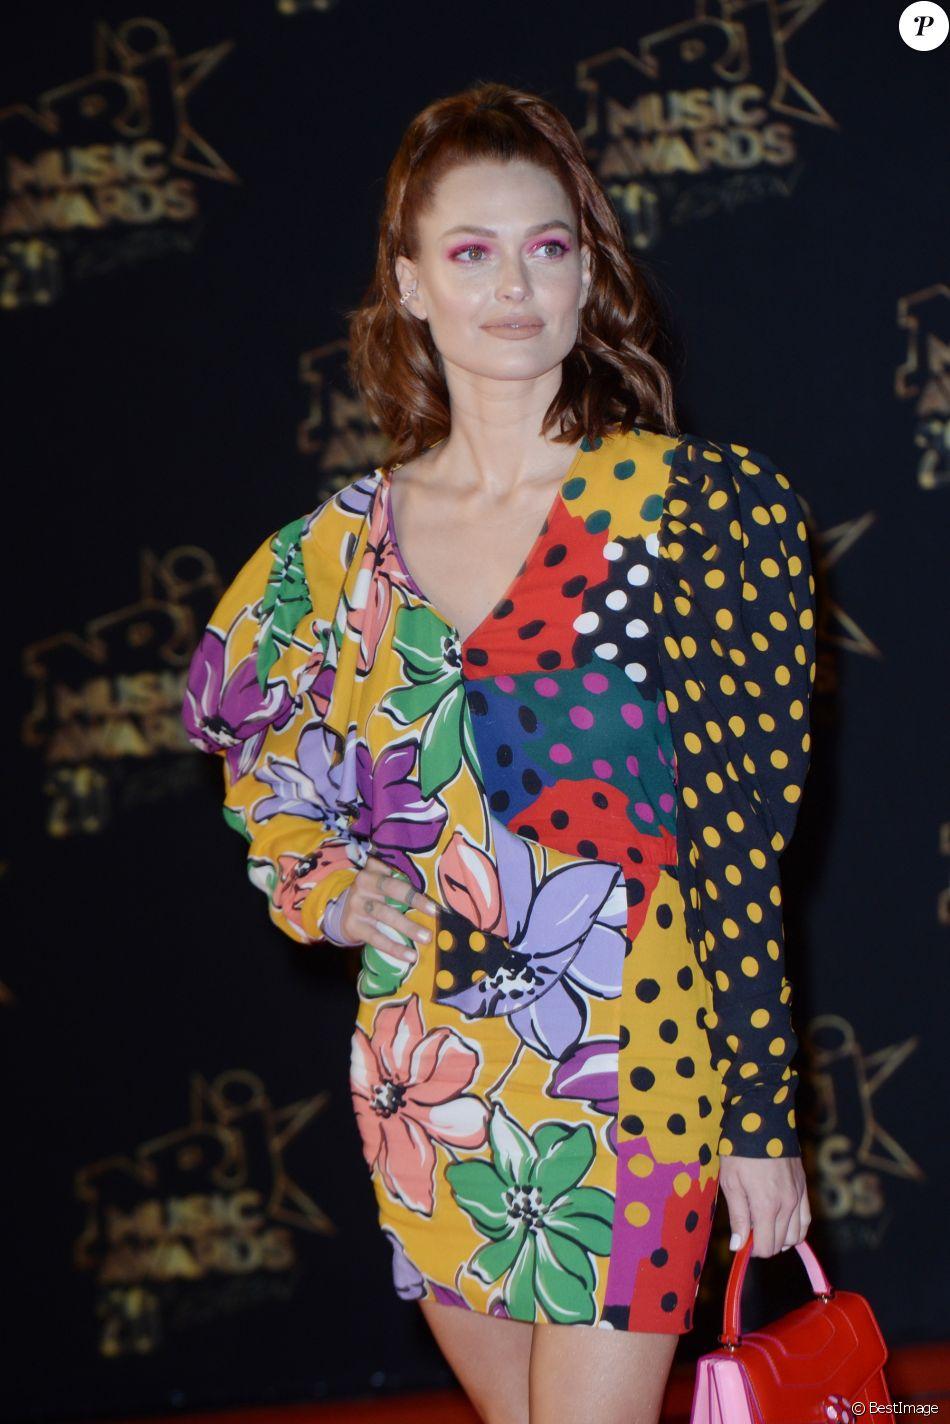 Caroline Receveur - 20ème cérémonie des NRJ Music Awards au Palais des Festivals à Cannes. Le 10 novembre 2018 © Christophe Aubert via Bestimage